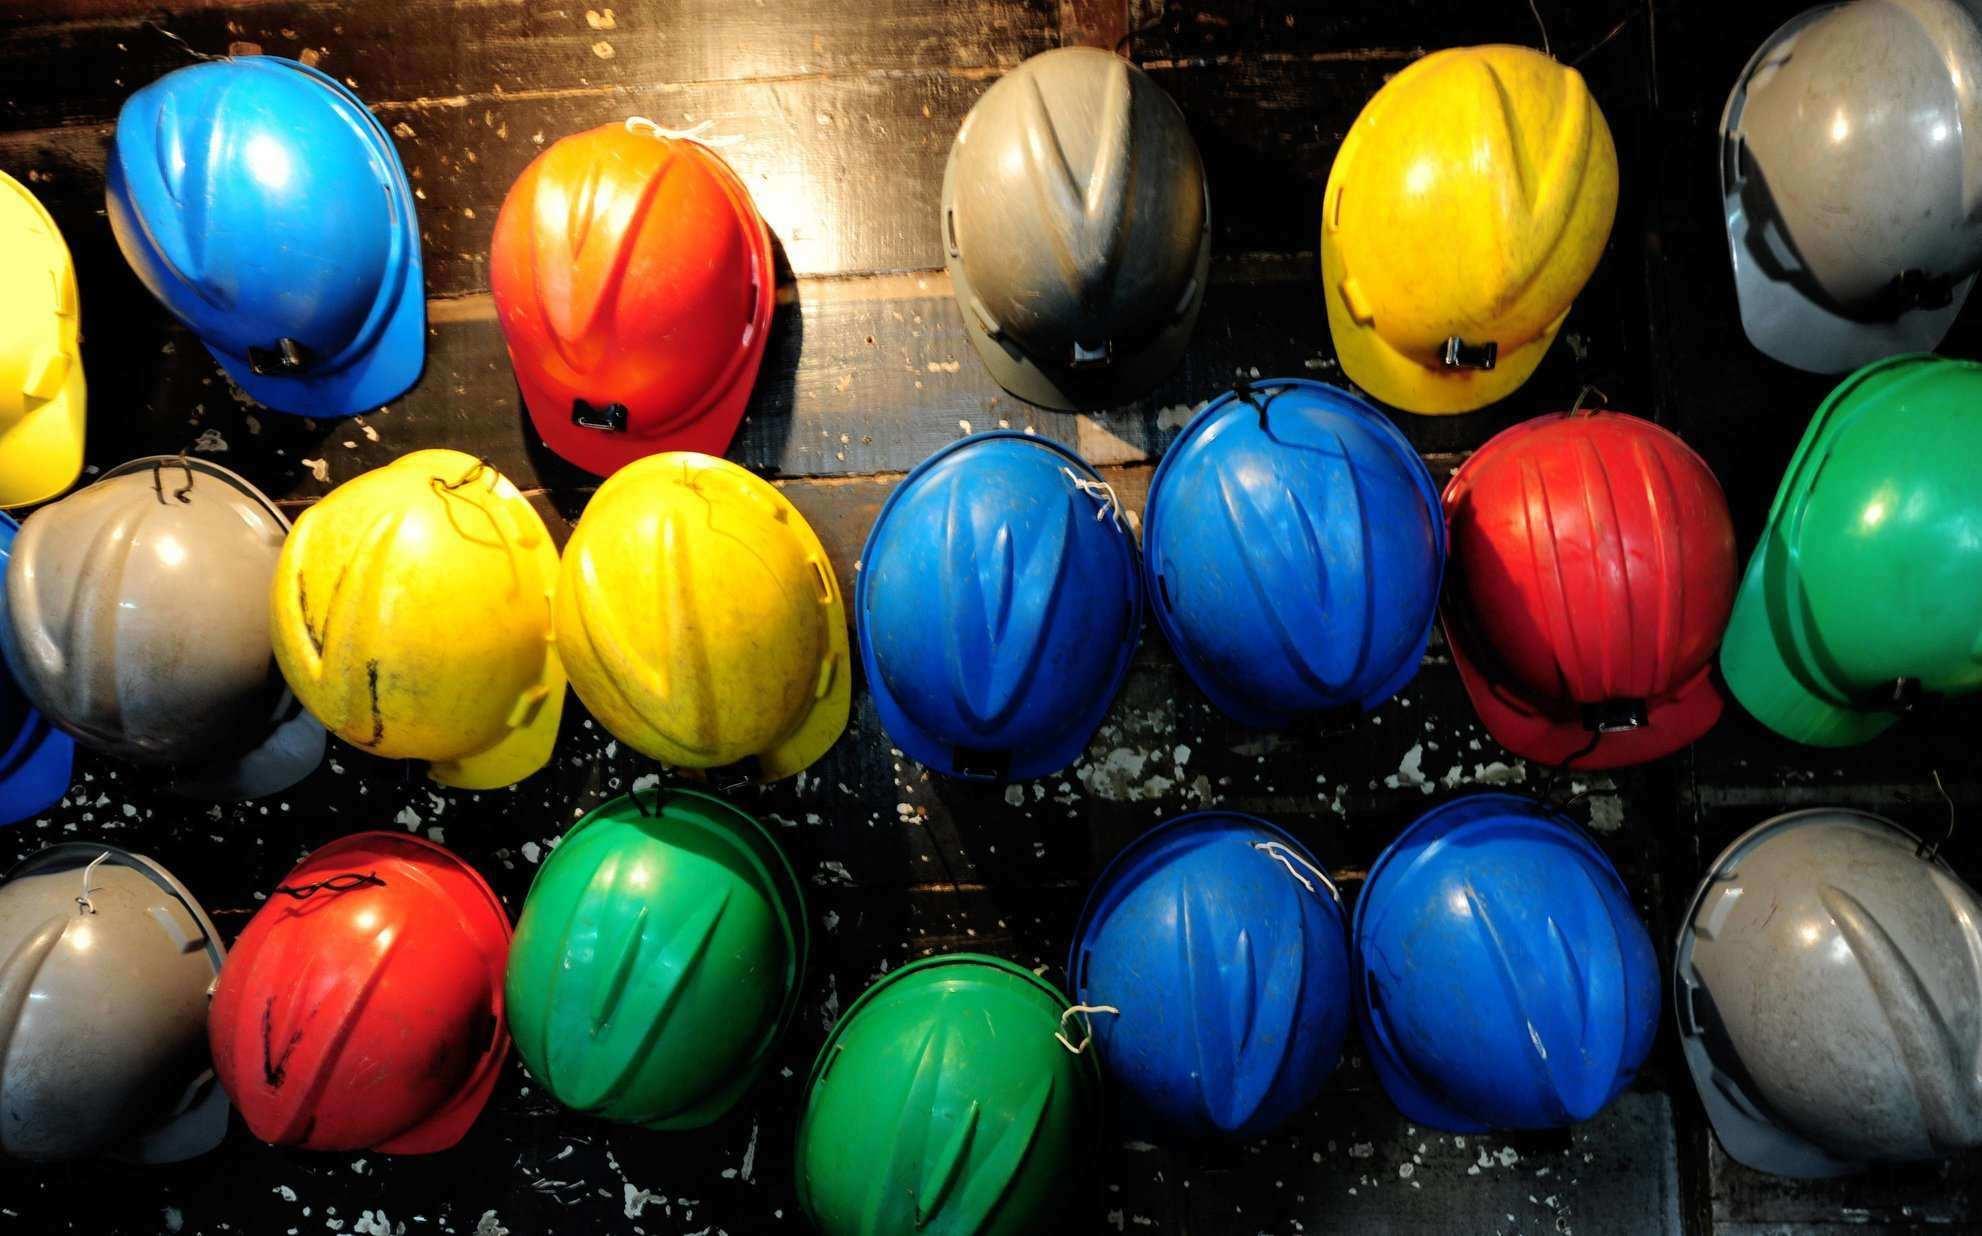 Spotlight: CentAm, DomRep 2021 mining exploration hotspots